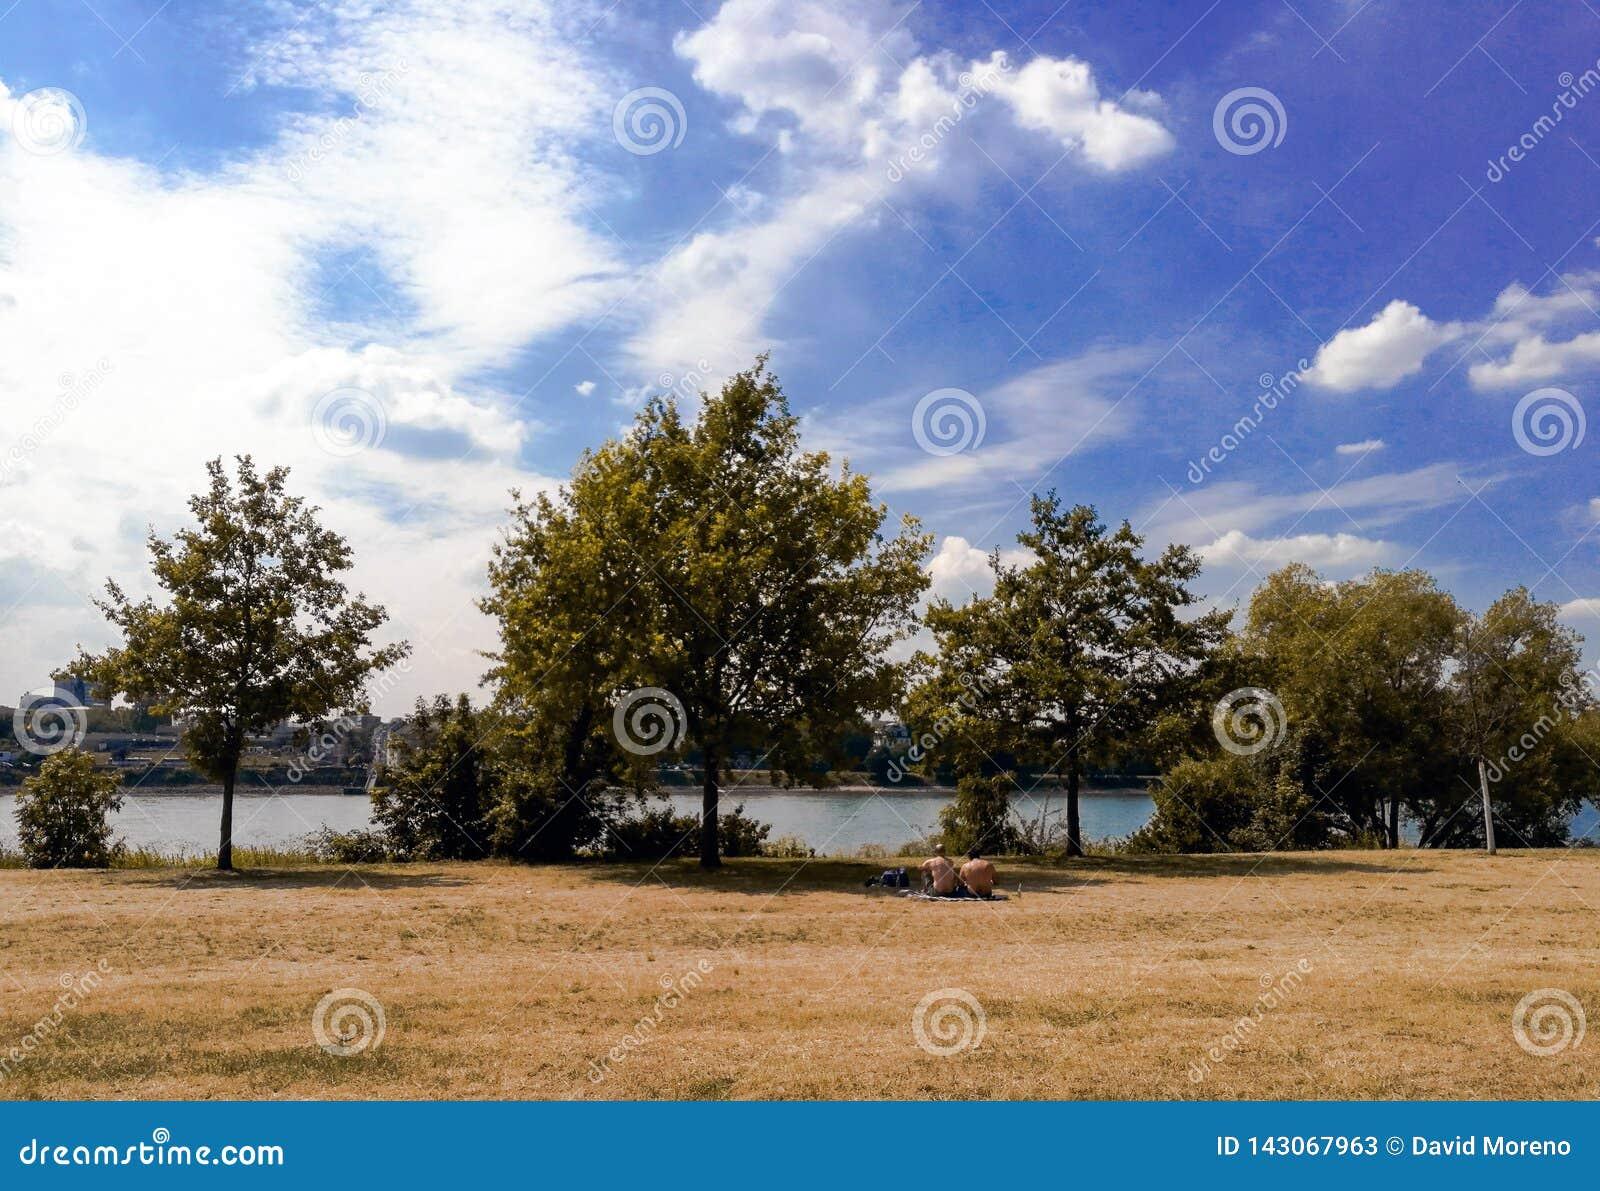 Tempo de gasto descamisado de um par dois homens junto no piquenique pelo Rhine River na cidade de Bona